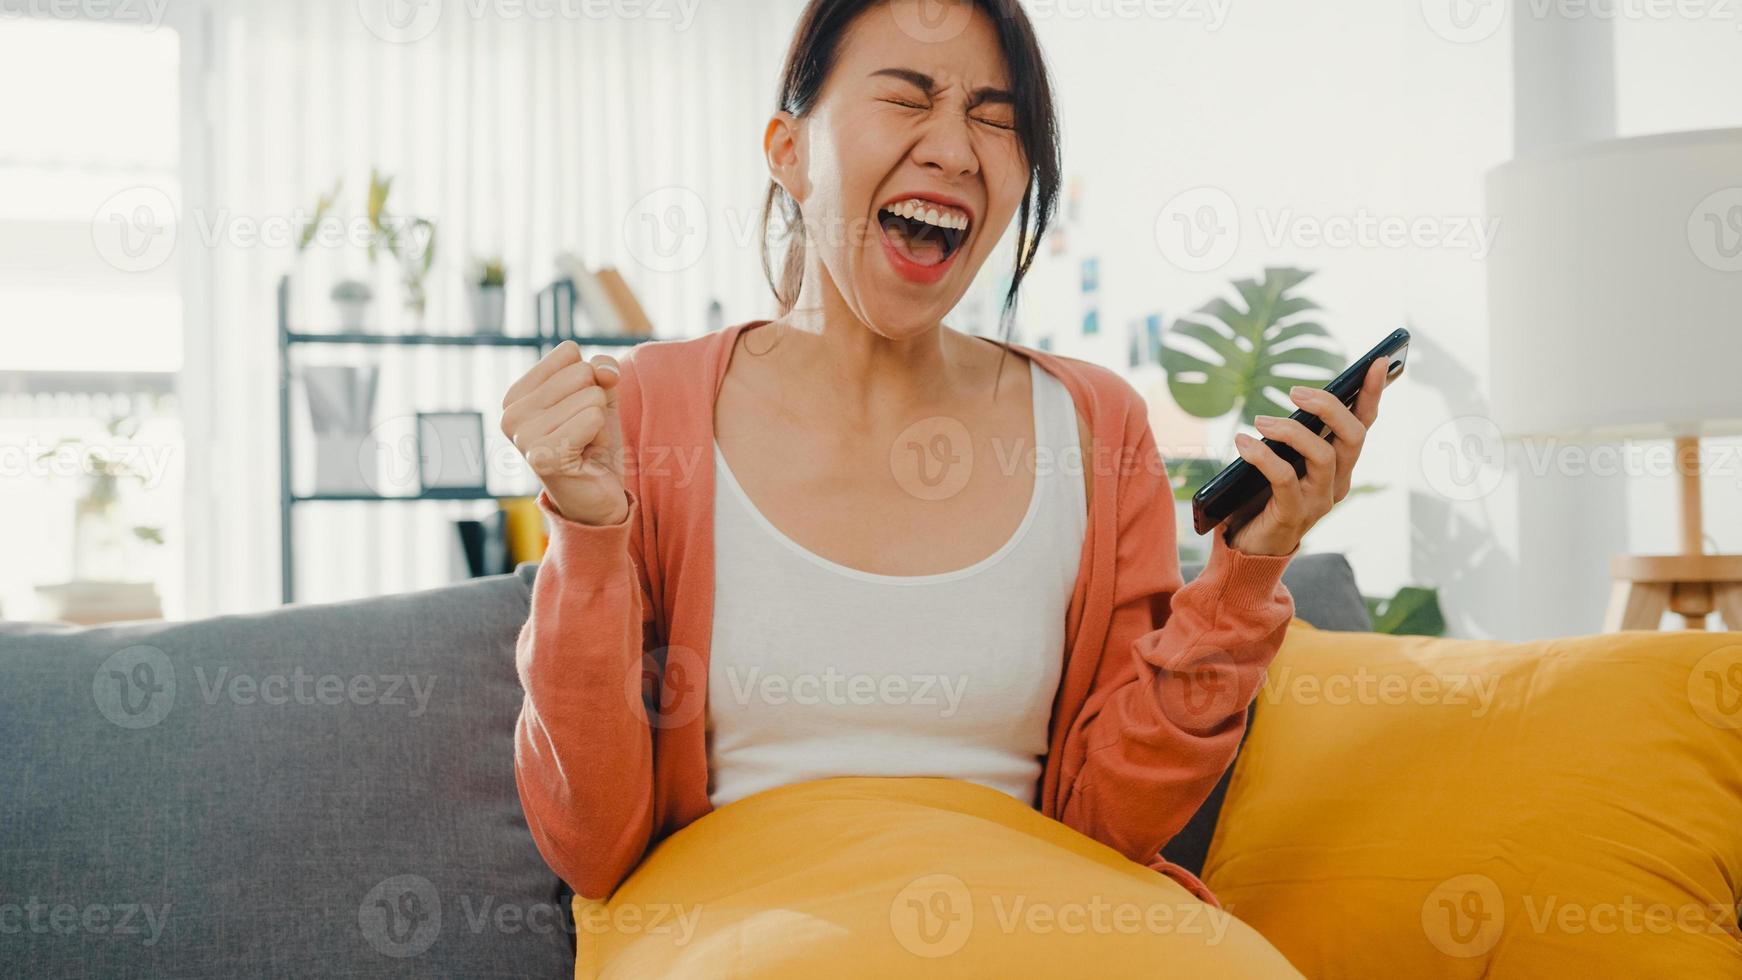 vacker asiatisk dam sitter i soffan känns spännande med bra nyheter hemma. framgångsintervju, examen prestation, dejting match acceptera, start kredit godkänna, godkänt test, arbetsgivare acceptera jobb koncept. foto